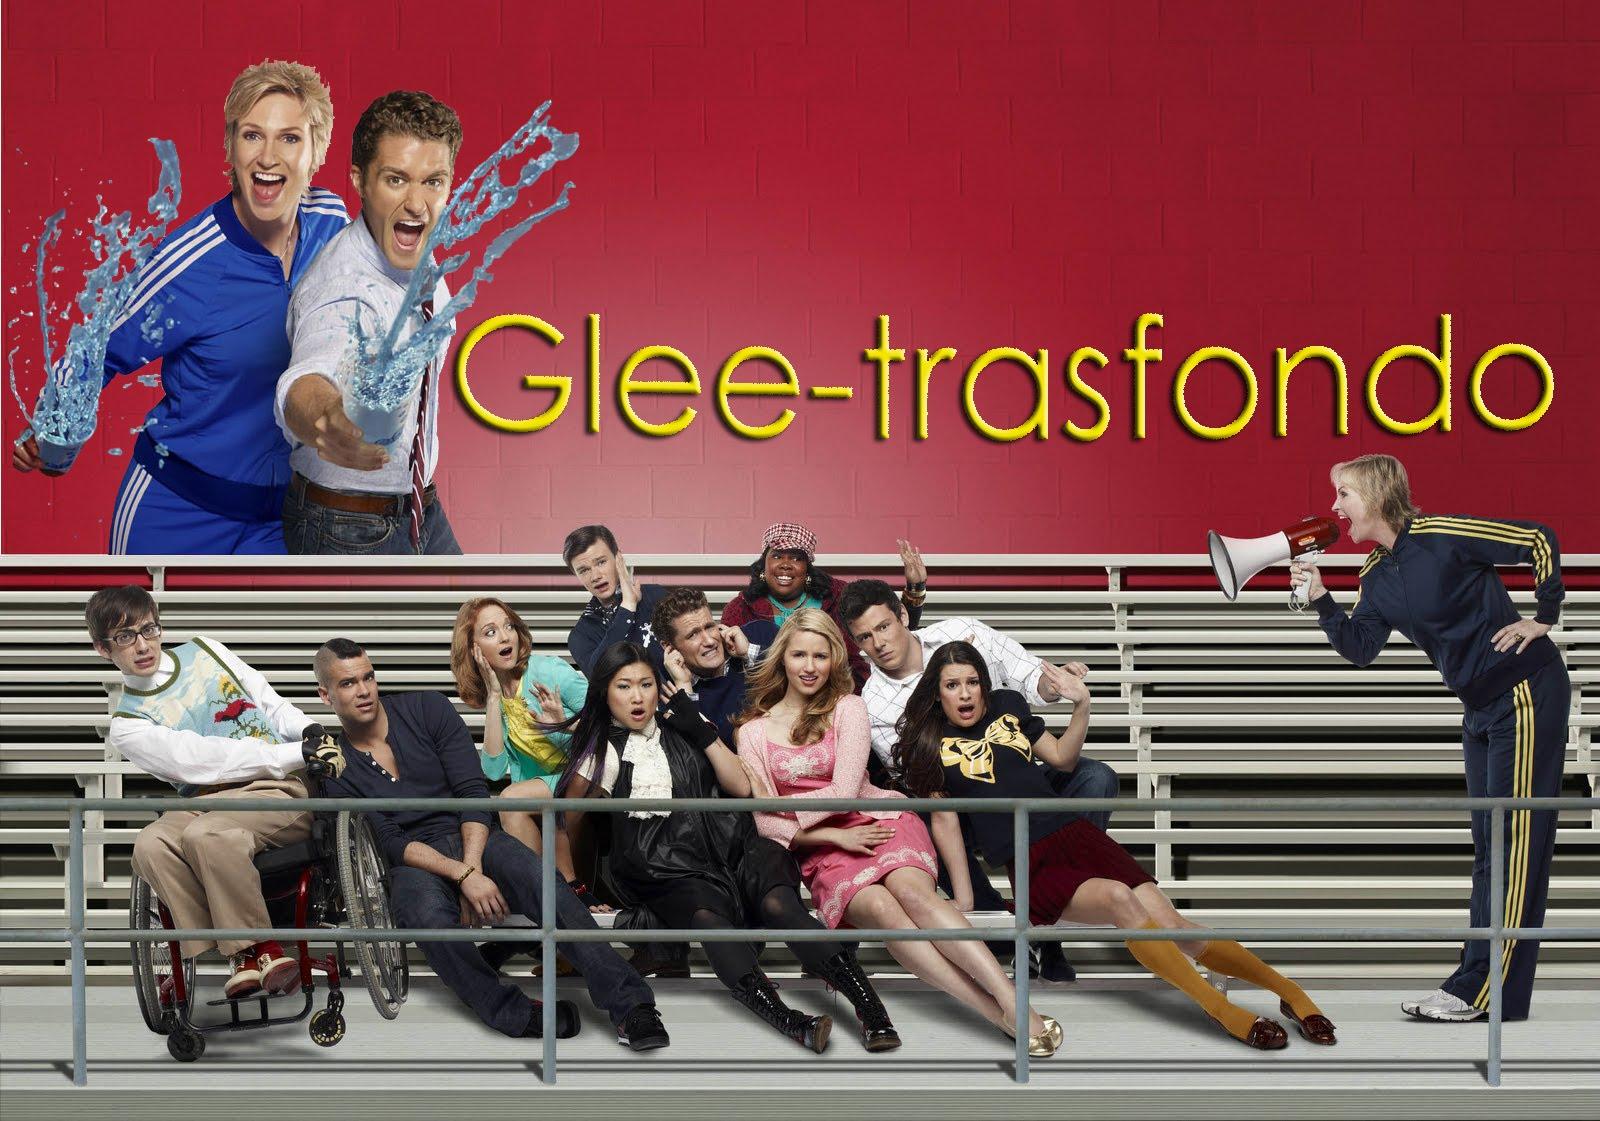 Glee-Trasfondo